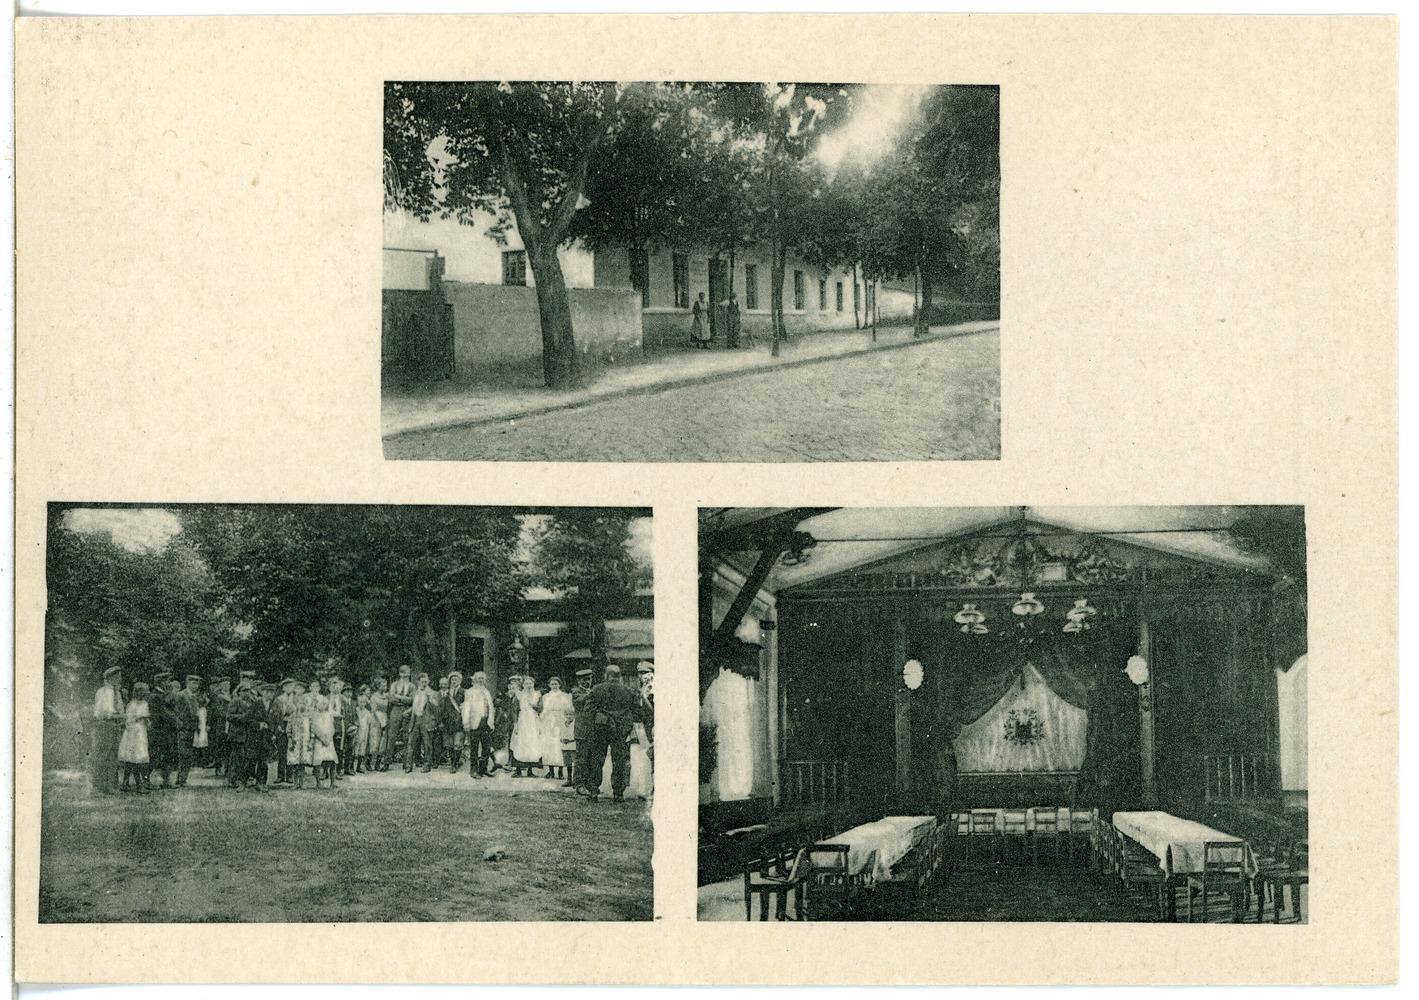 File:22071-Dommitzsch-1922-Konzerthalle-Brück & Sohn Kunstverlag.jpg